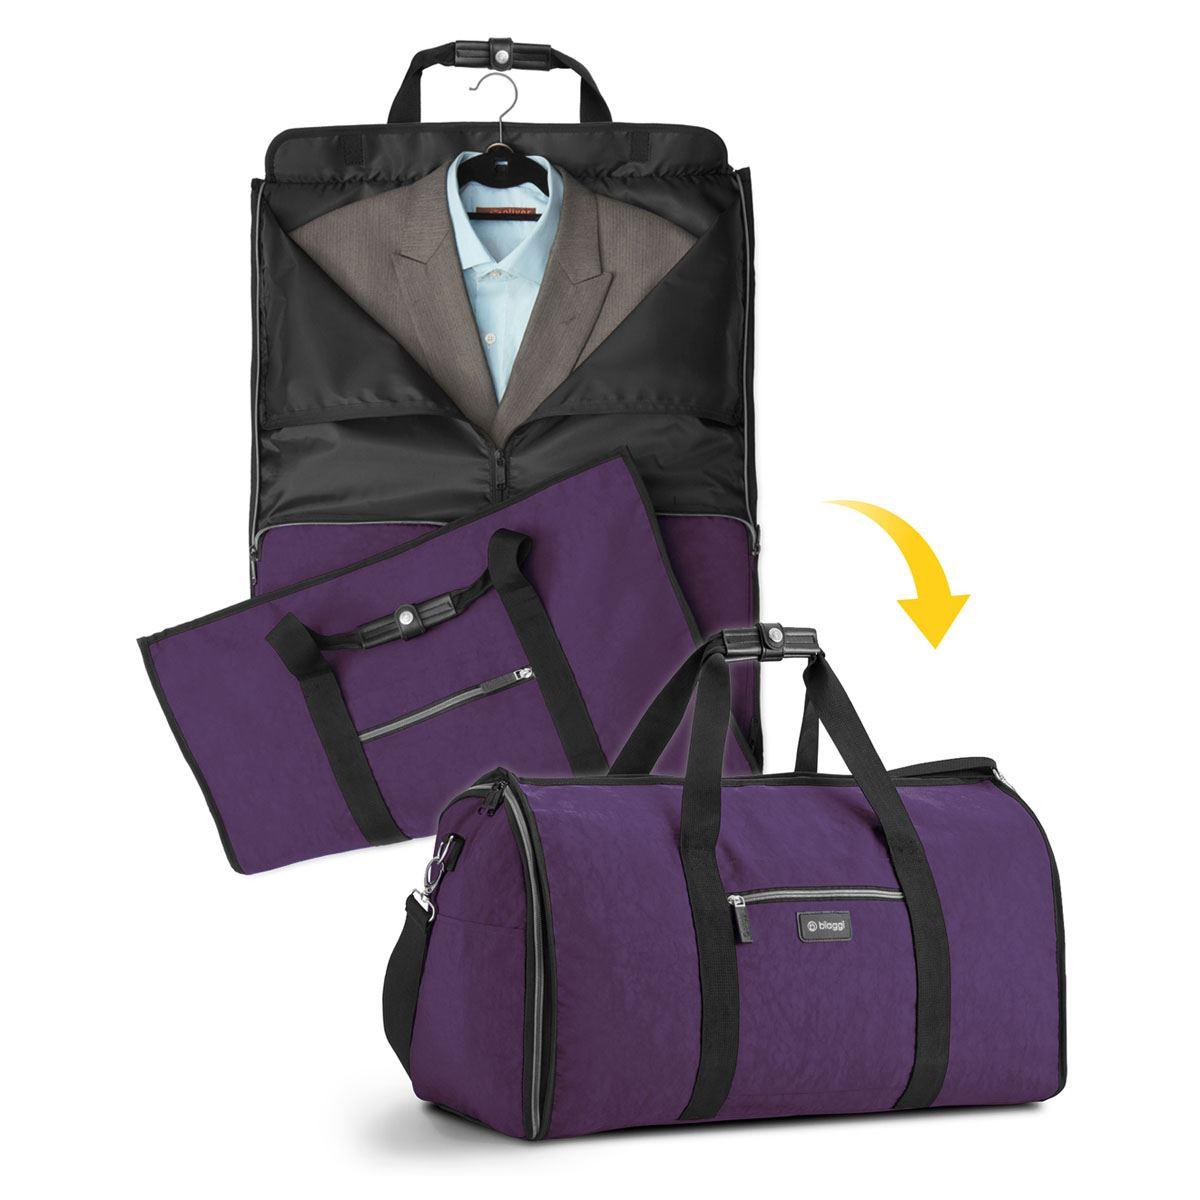 Porta traje/maleta 2 en 1 biaggi  - Sanborns